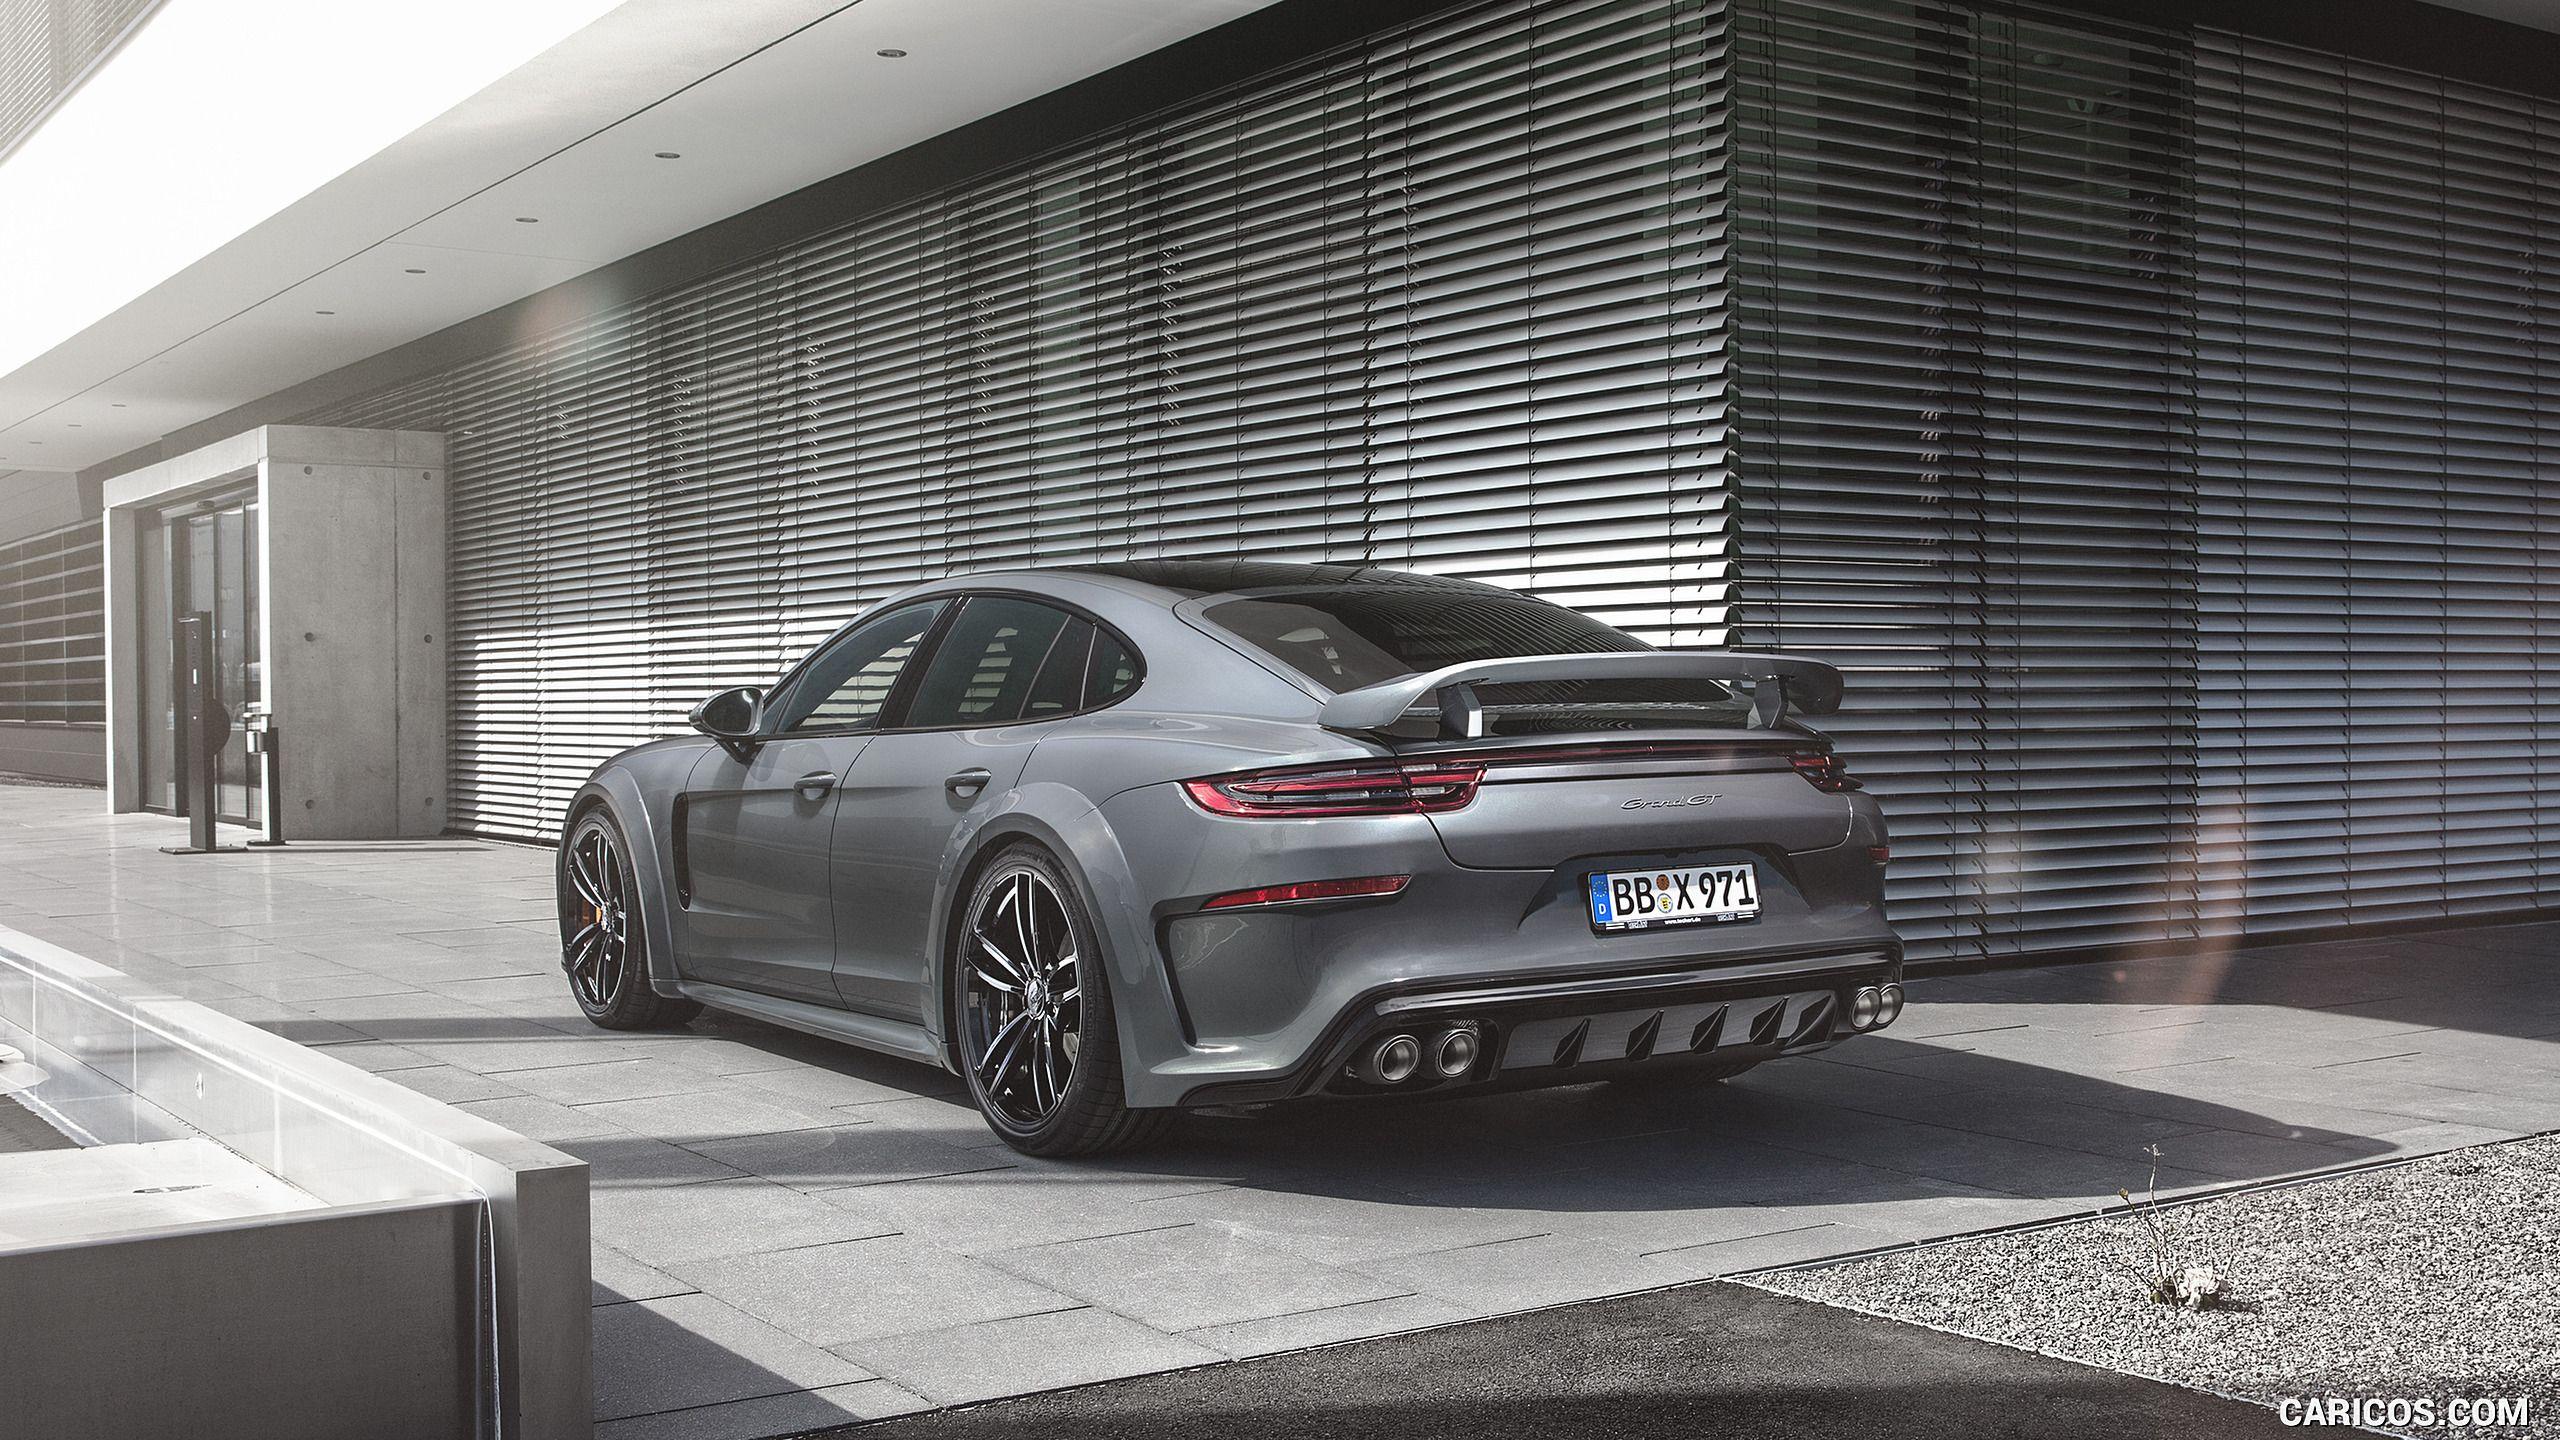 2017 Techart Grandgt Porsche Panamera Porsche Panamera Porsche 2017 techart porsche panamera grand gt